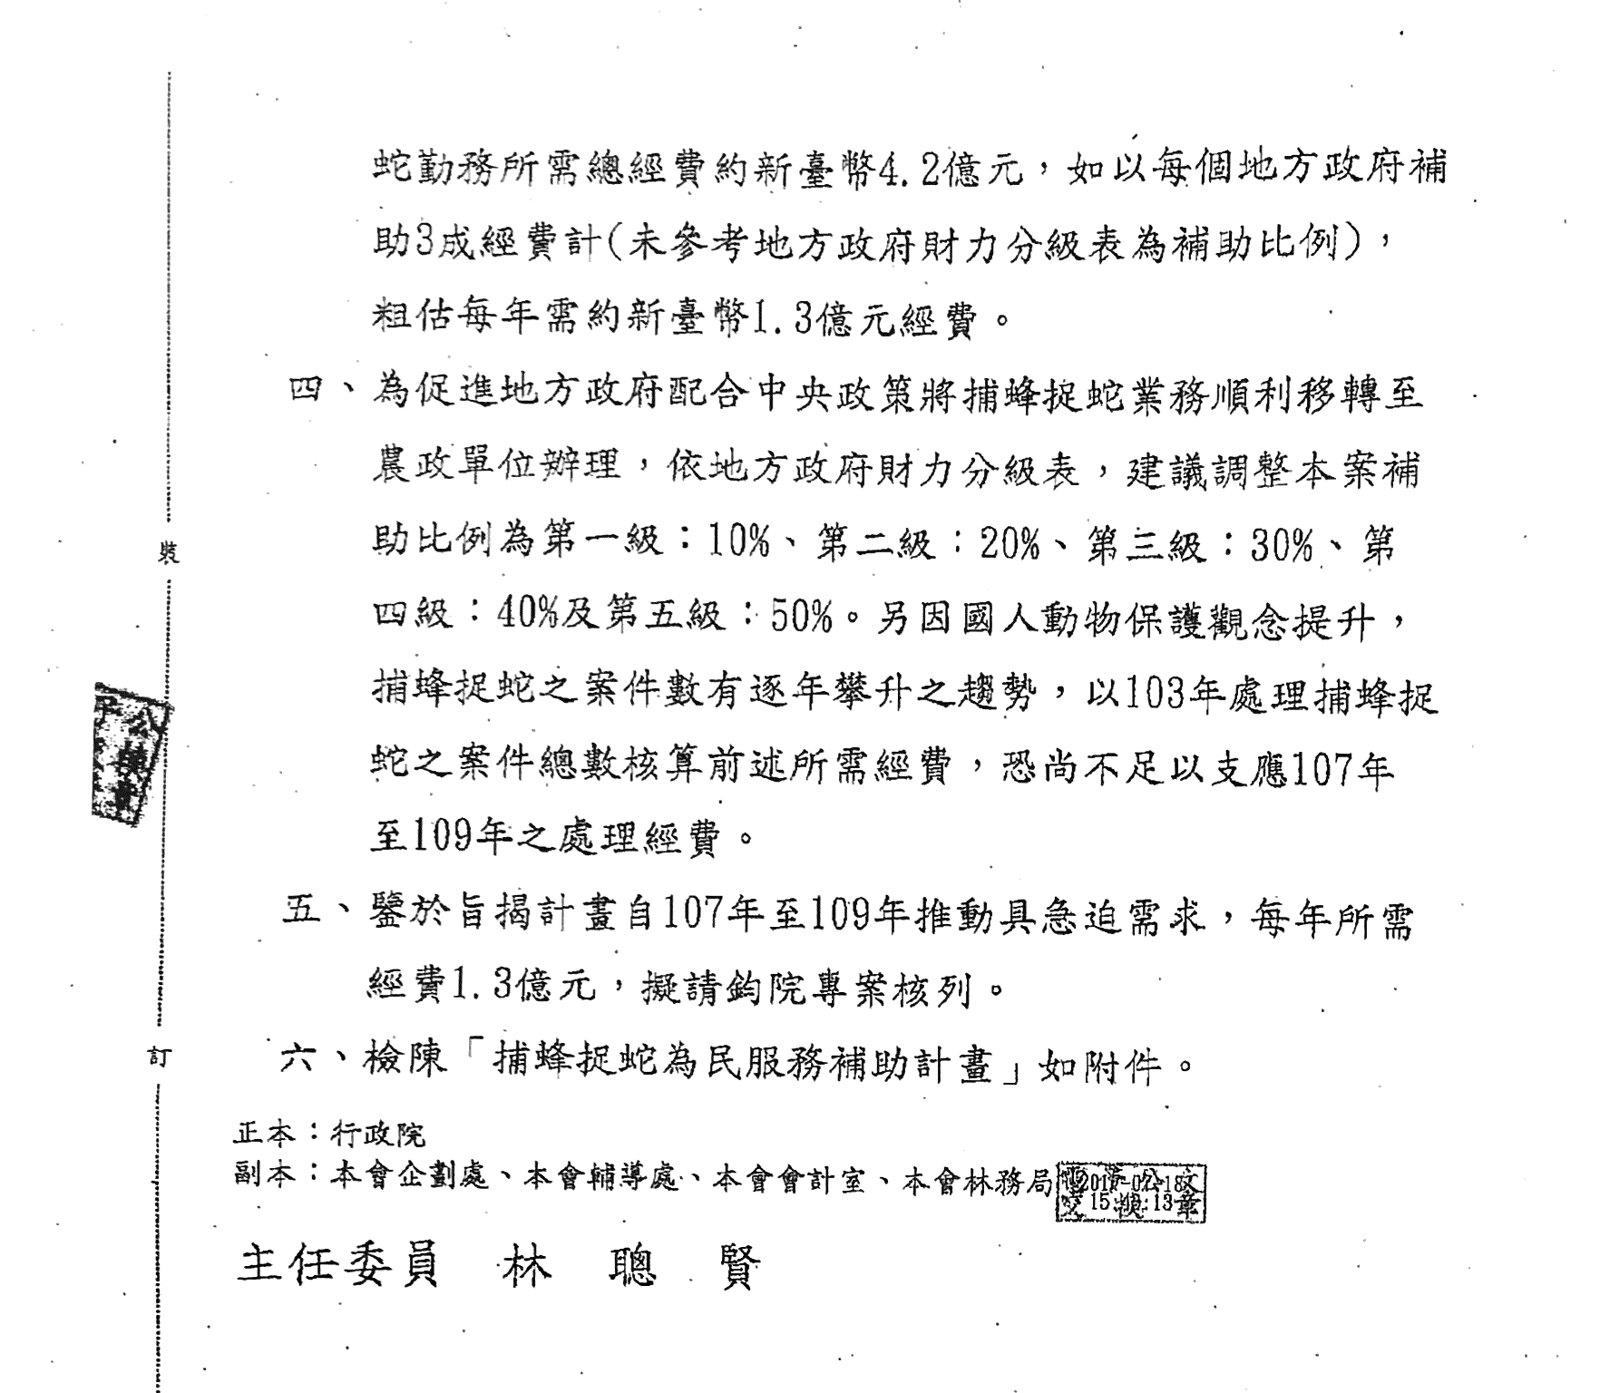 農委會在公文上揭示1.3億預算不足支應107至109年處理經費,卻仍只編列1.3億,令消防員直呼不解。(攝影:王顥中)